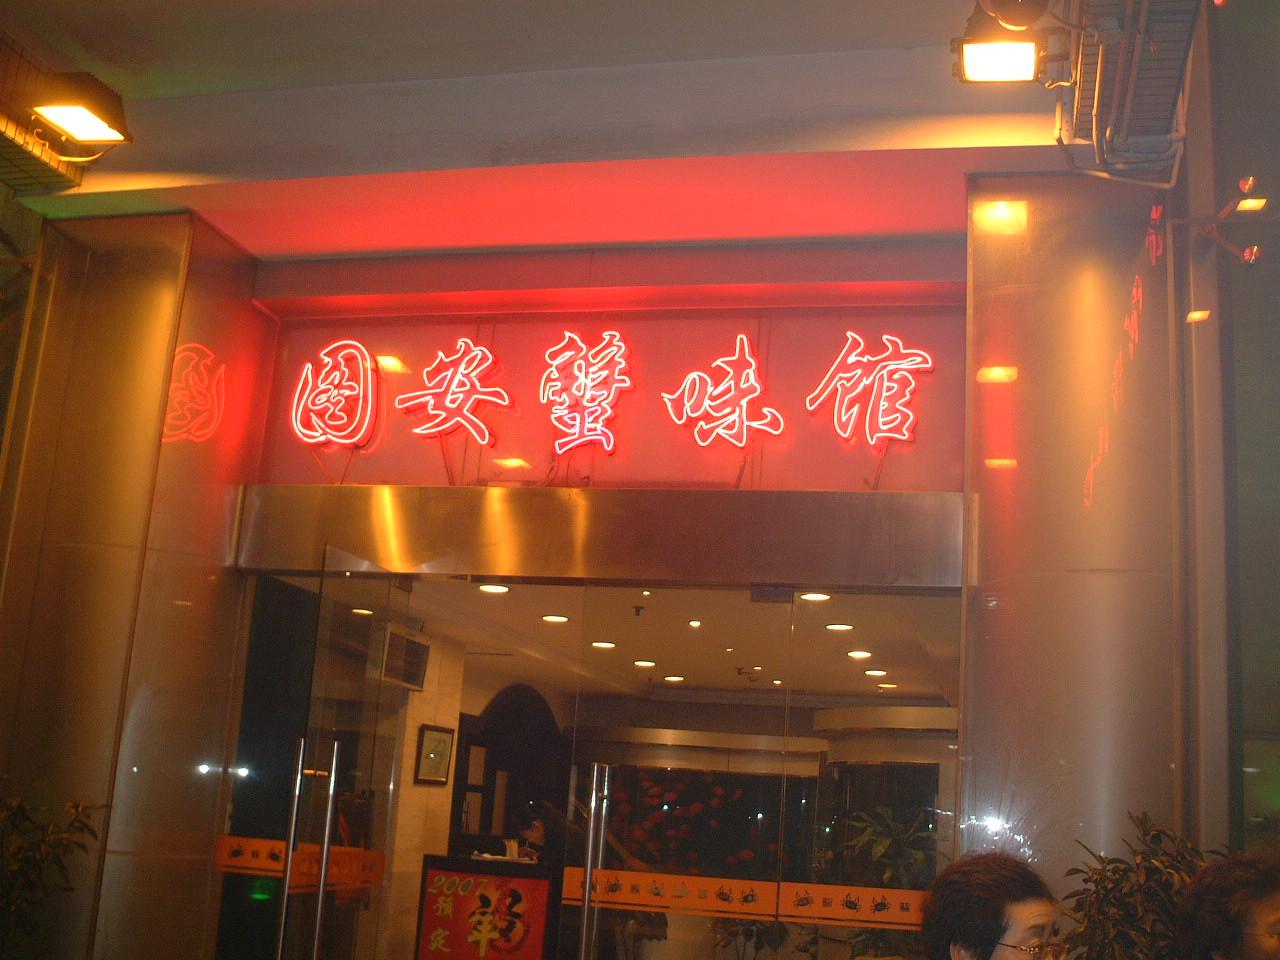 図安蟹味館 6月30日(金) : Mariko Dairy In Shanghai